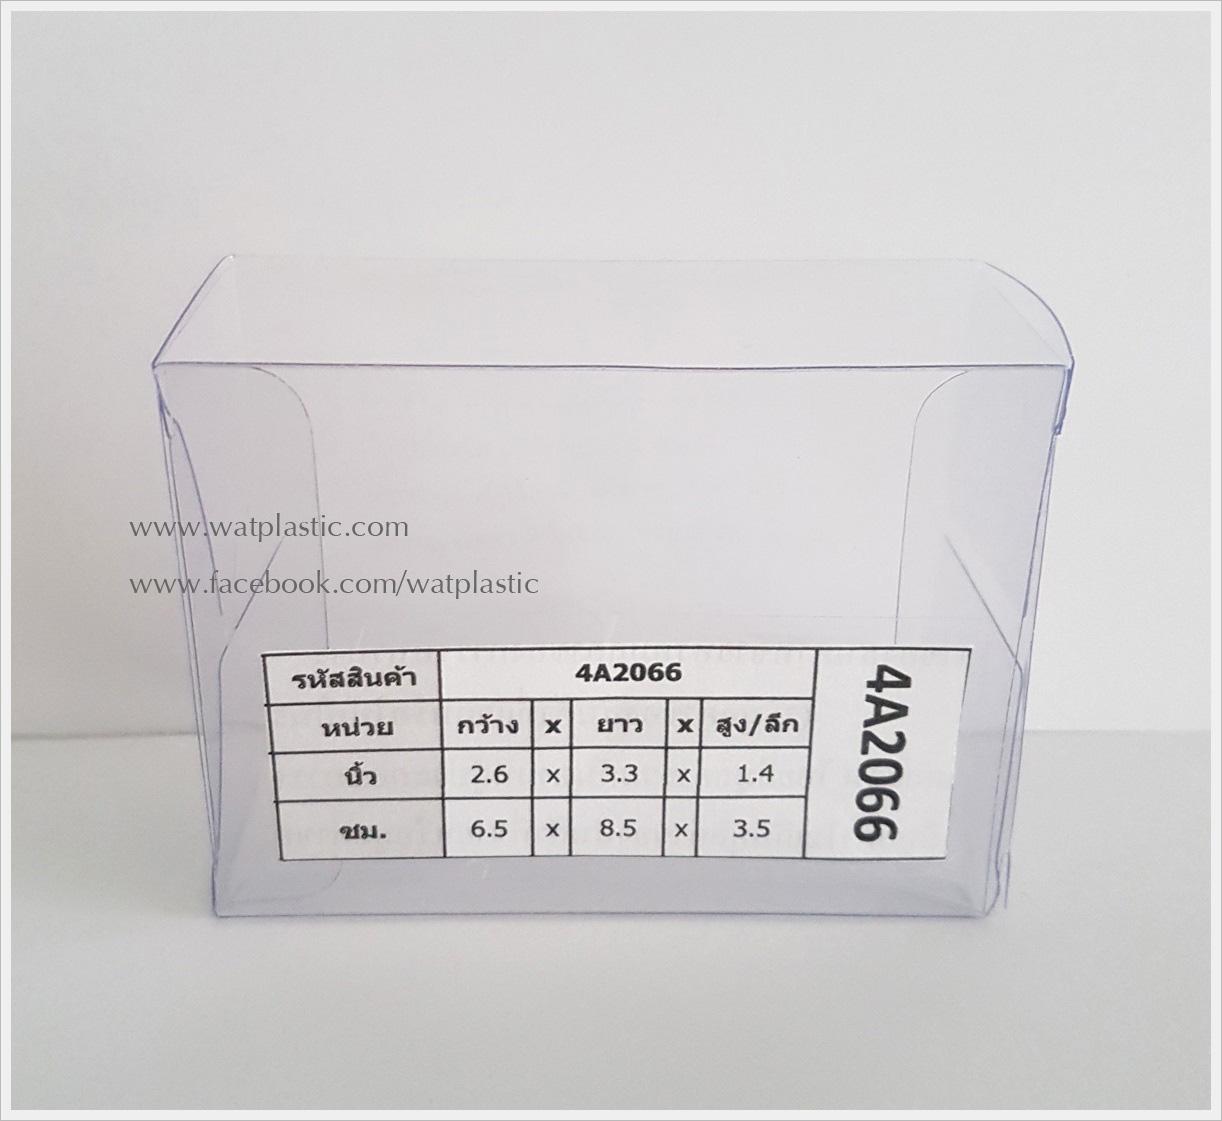 กล่องสบู่-ทรงผืนผ้า ขนาด 6.5 x 8.5 x 3.5 cm